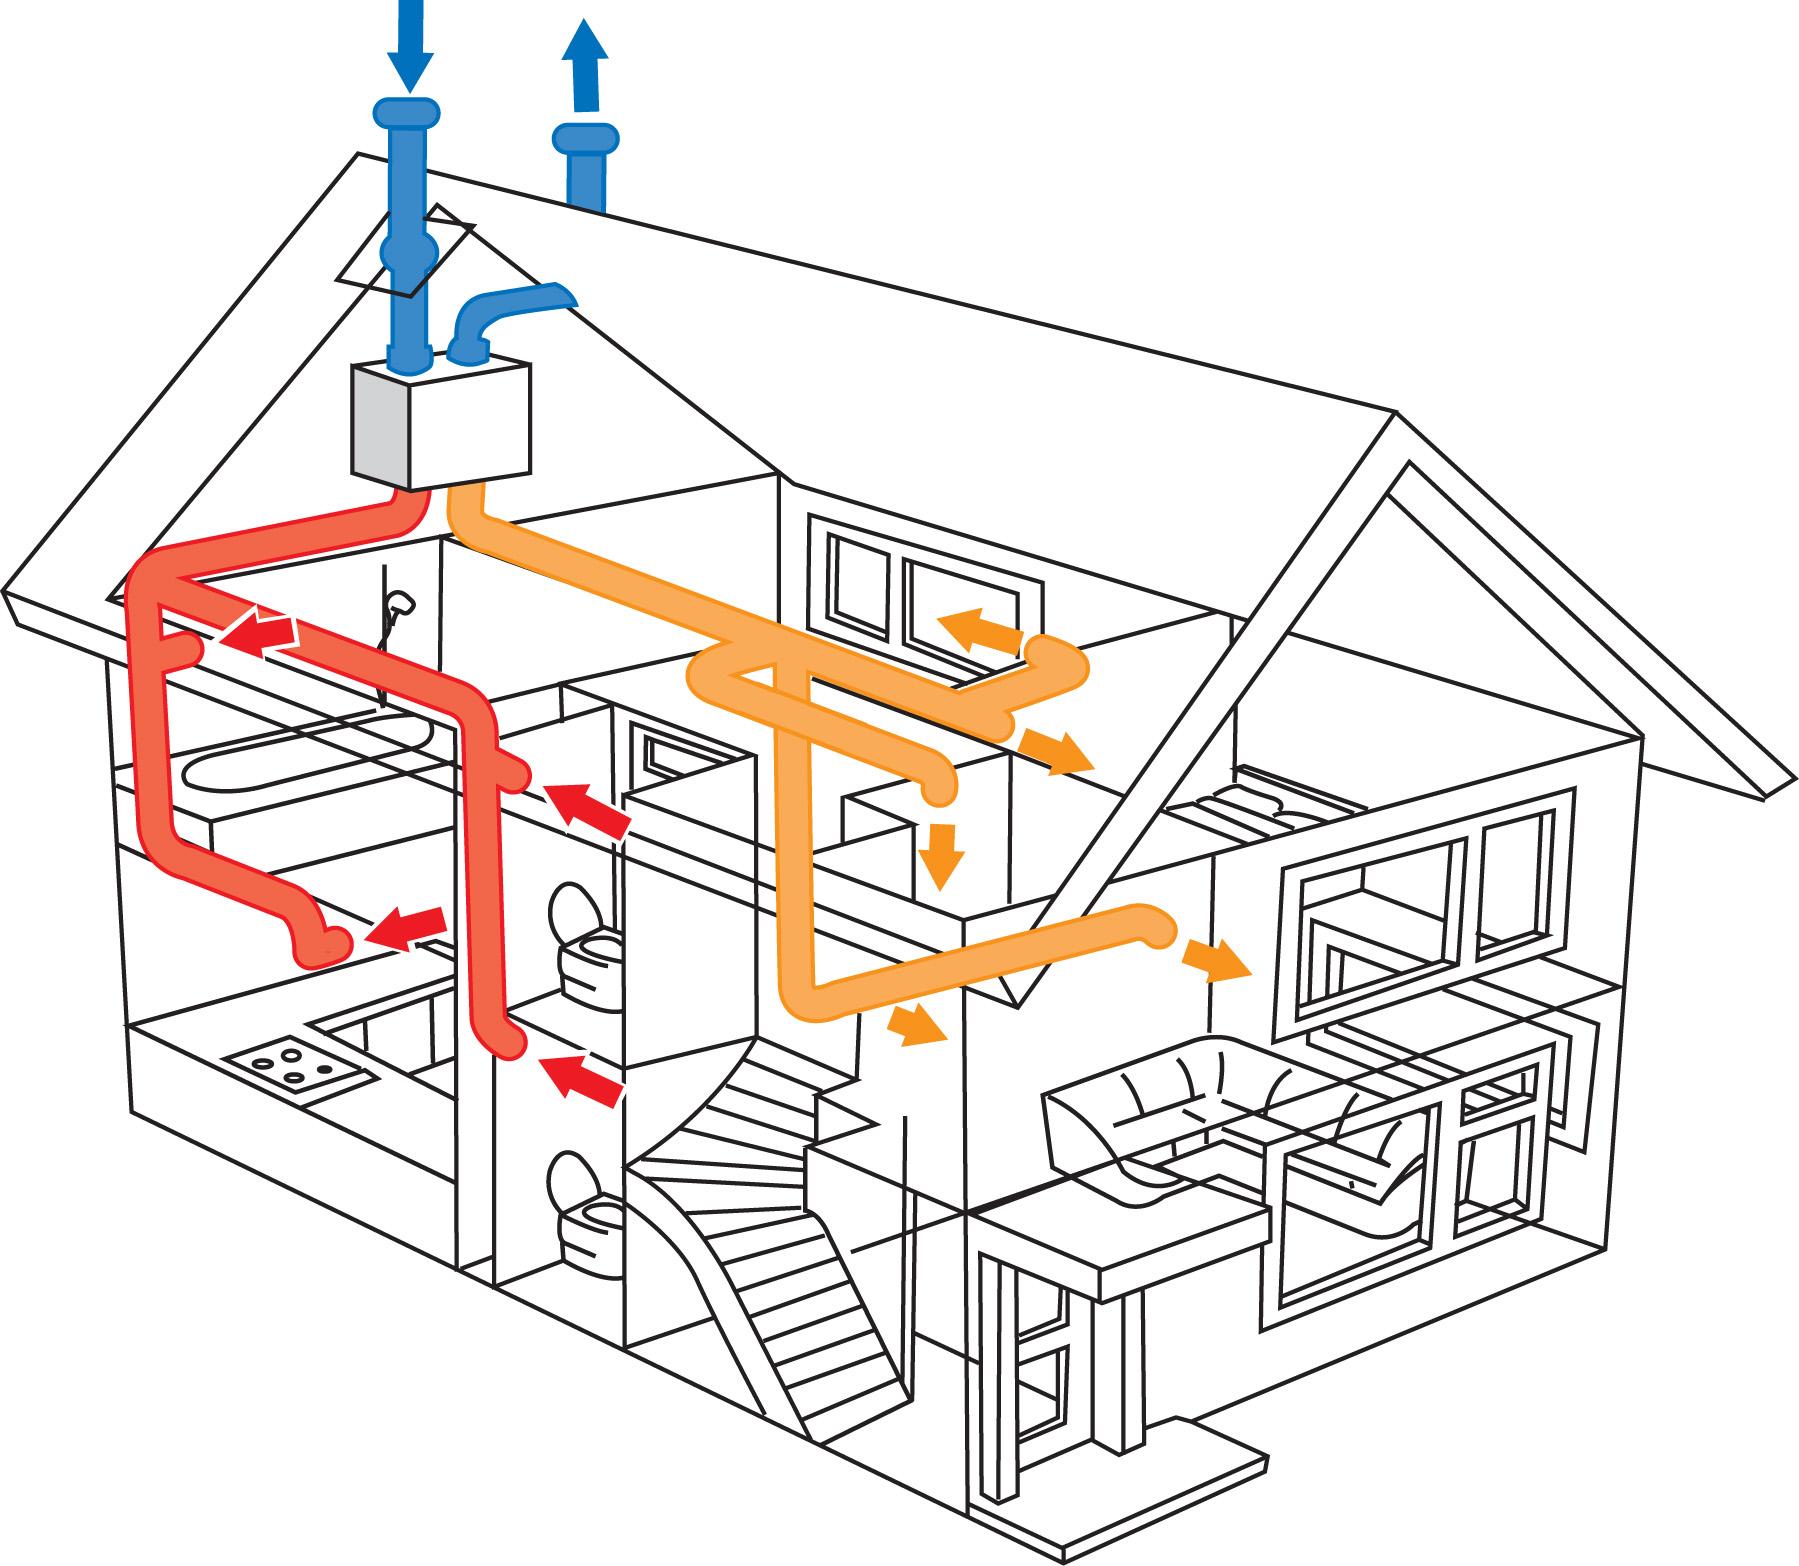 Приточная вытяжная вентиляция схема приточно вытяжной вентиляции